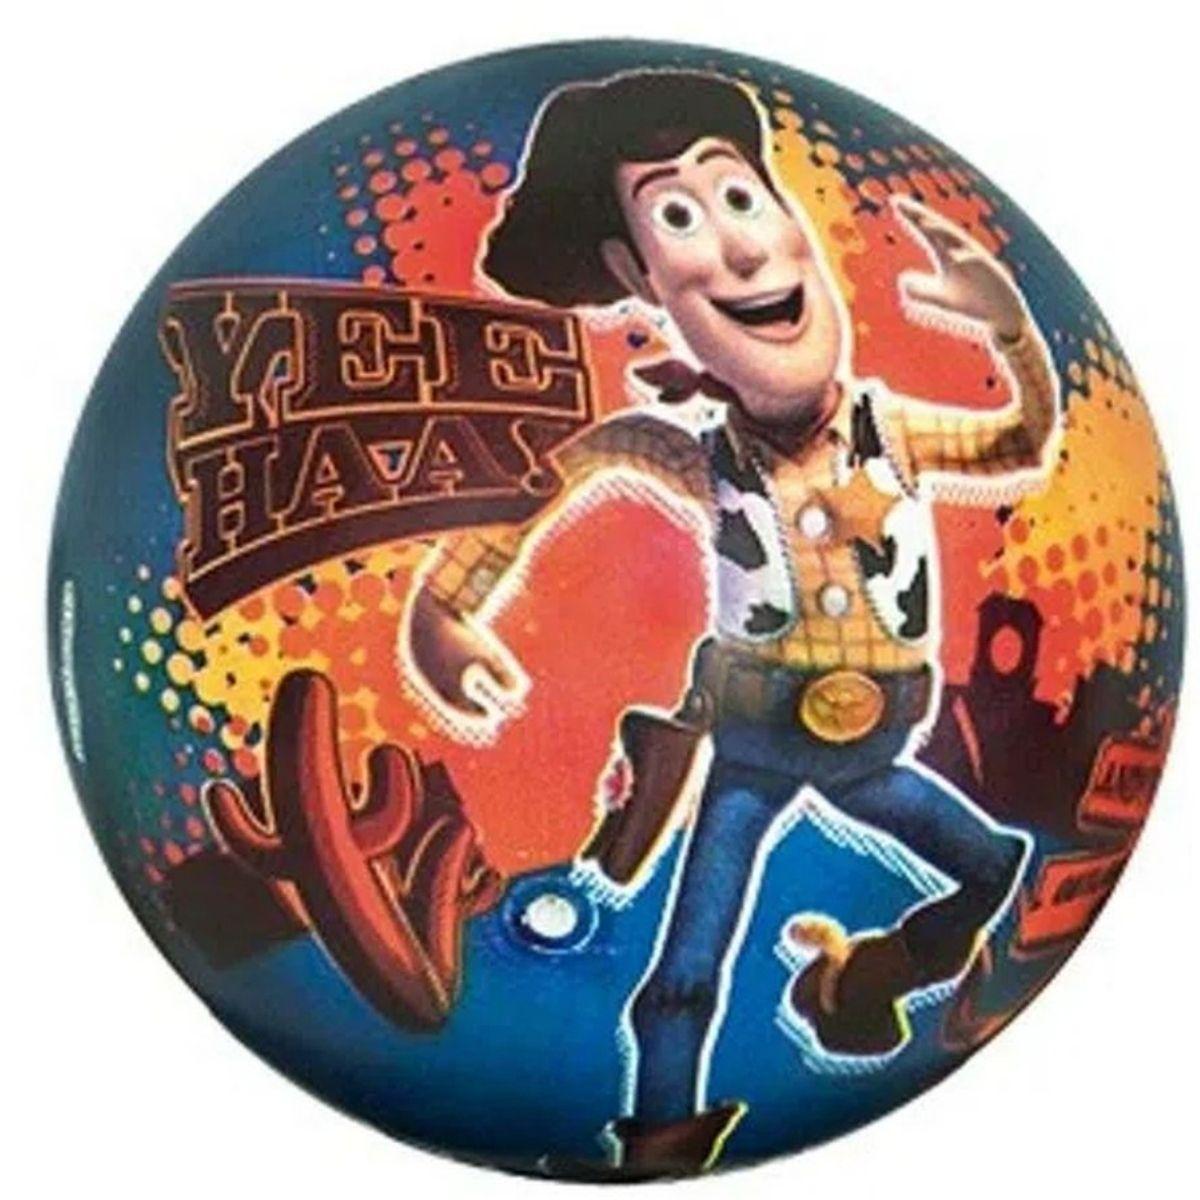 Bola de Vinil Infantil Personagens Toy Story - Zippy